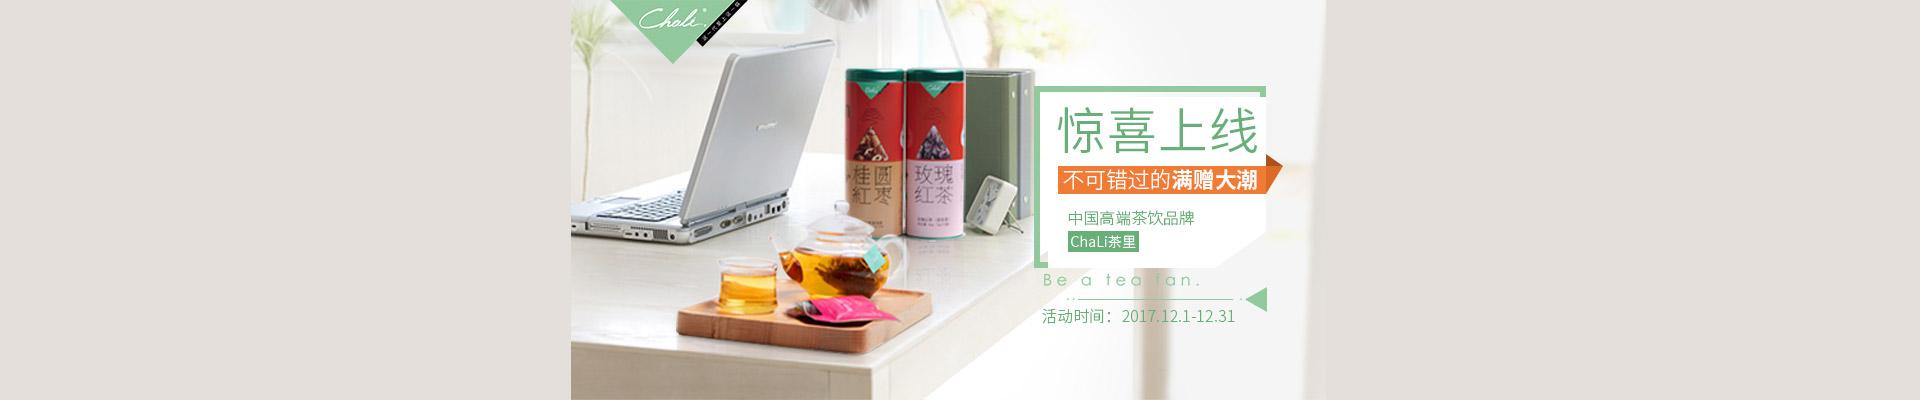 高端茶饮品牌-茶里